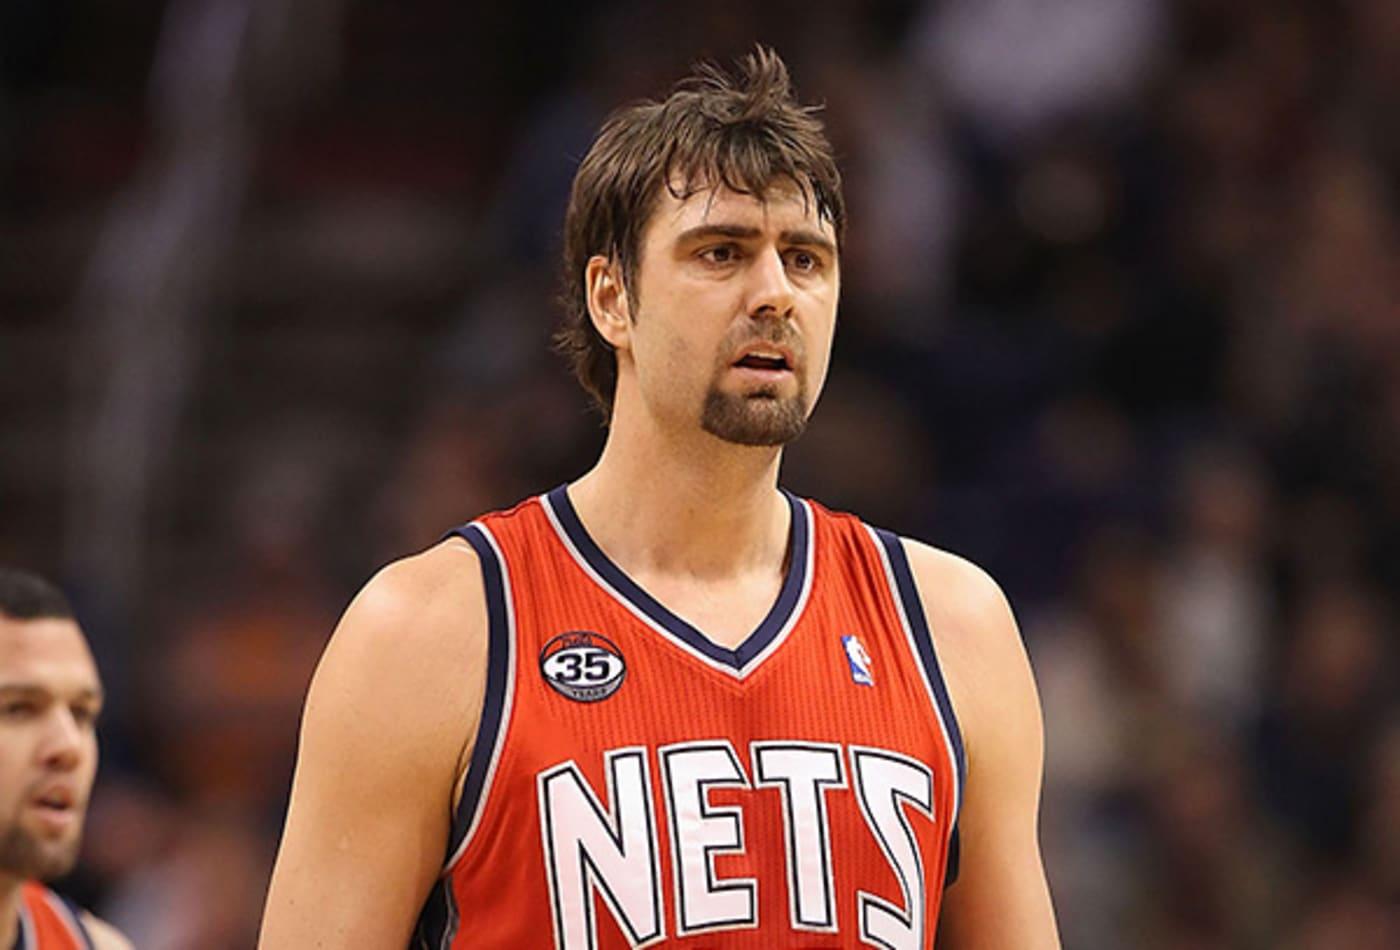 Mehmet-Okur-Most-Overpaid-NBA-Players.jpg